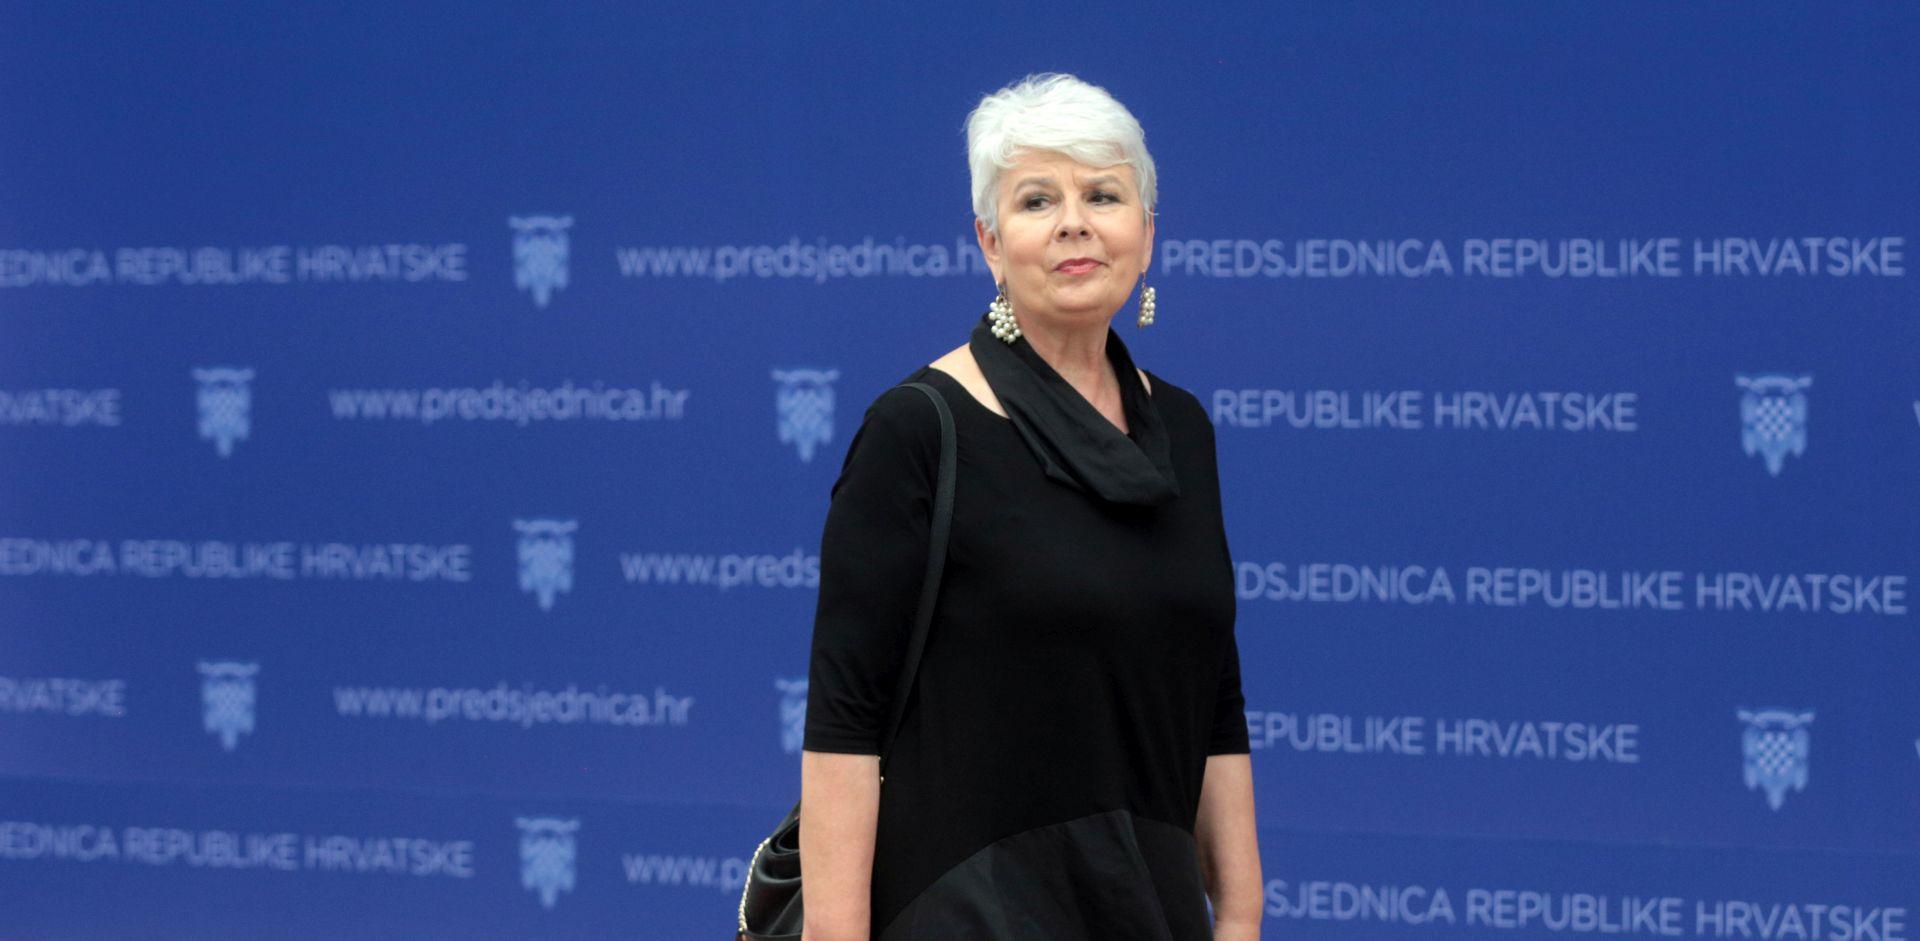 Kosor komentirala Jandrokovićevu izjavu